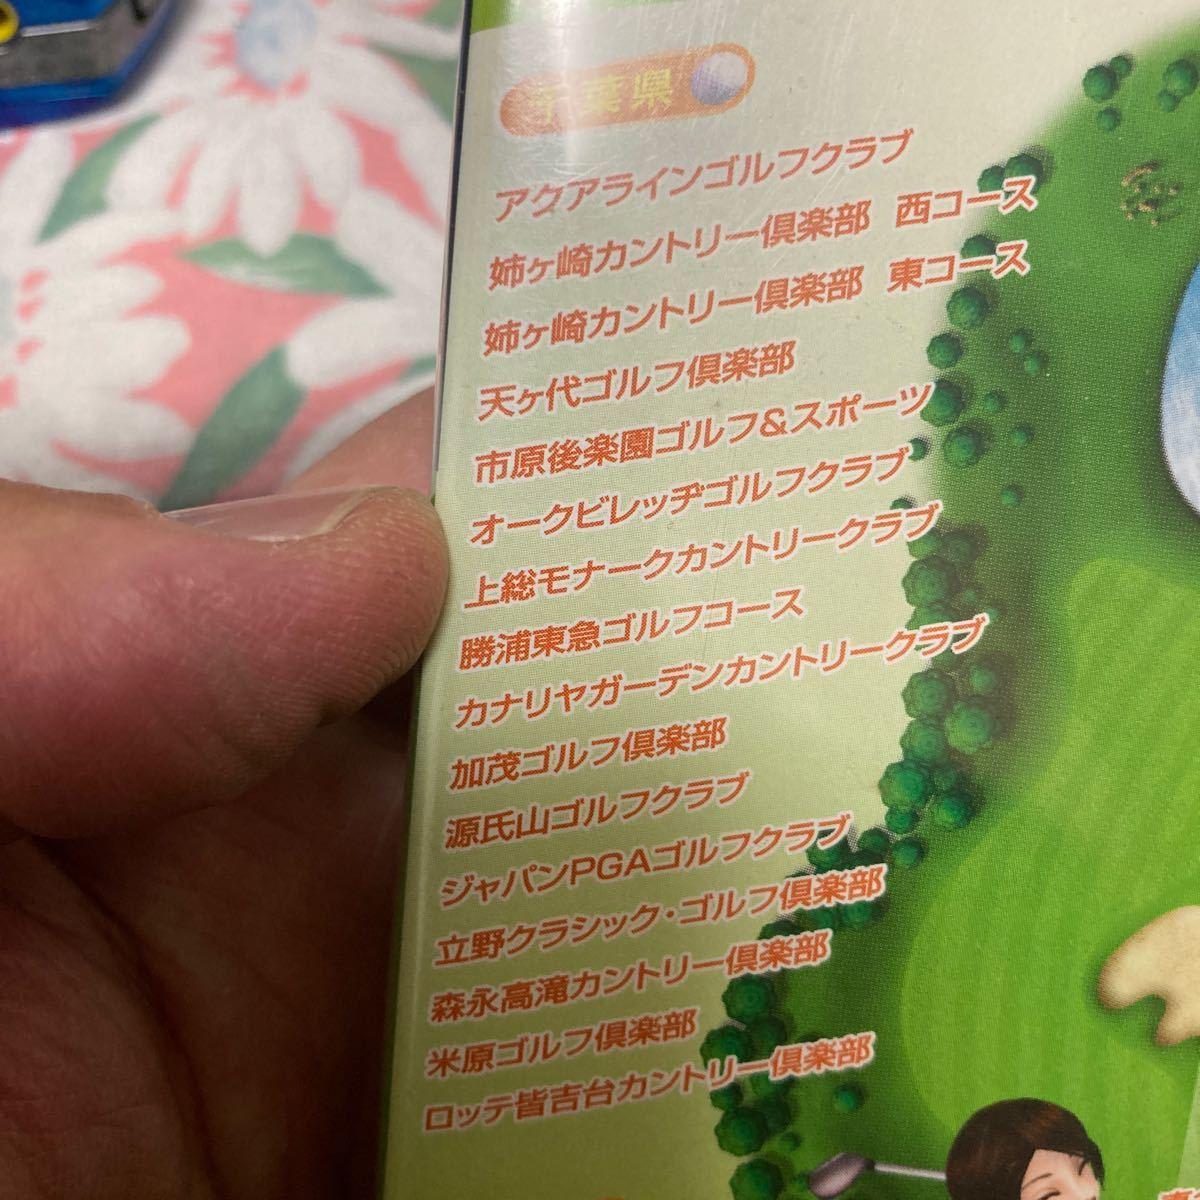 【PSP】 みんなのGOLF場 Vol.1 (ソフト単体版)